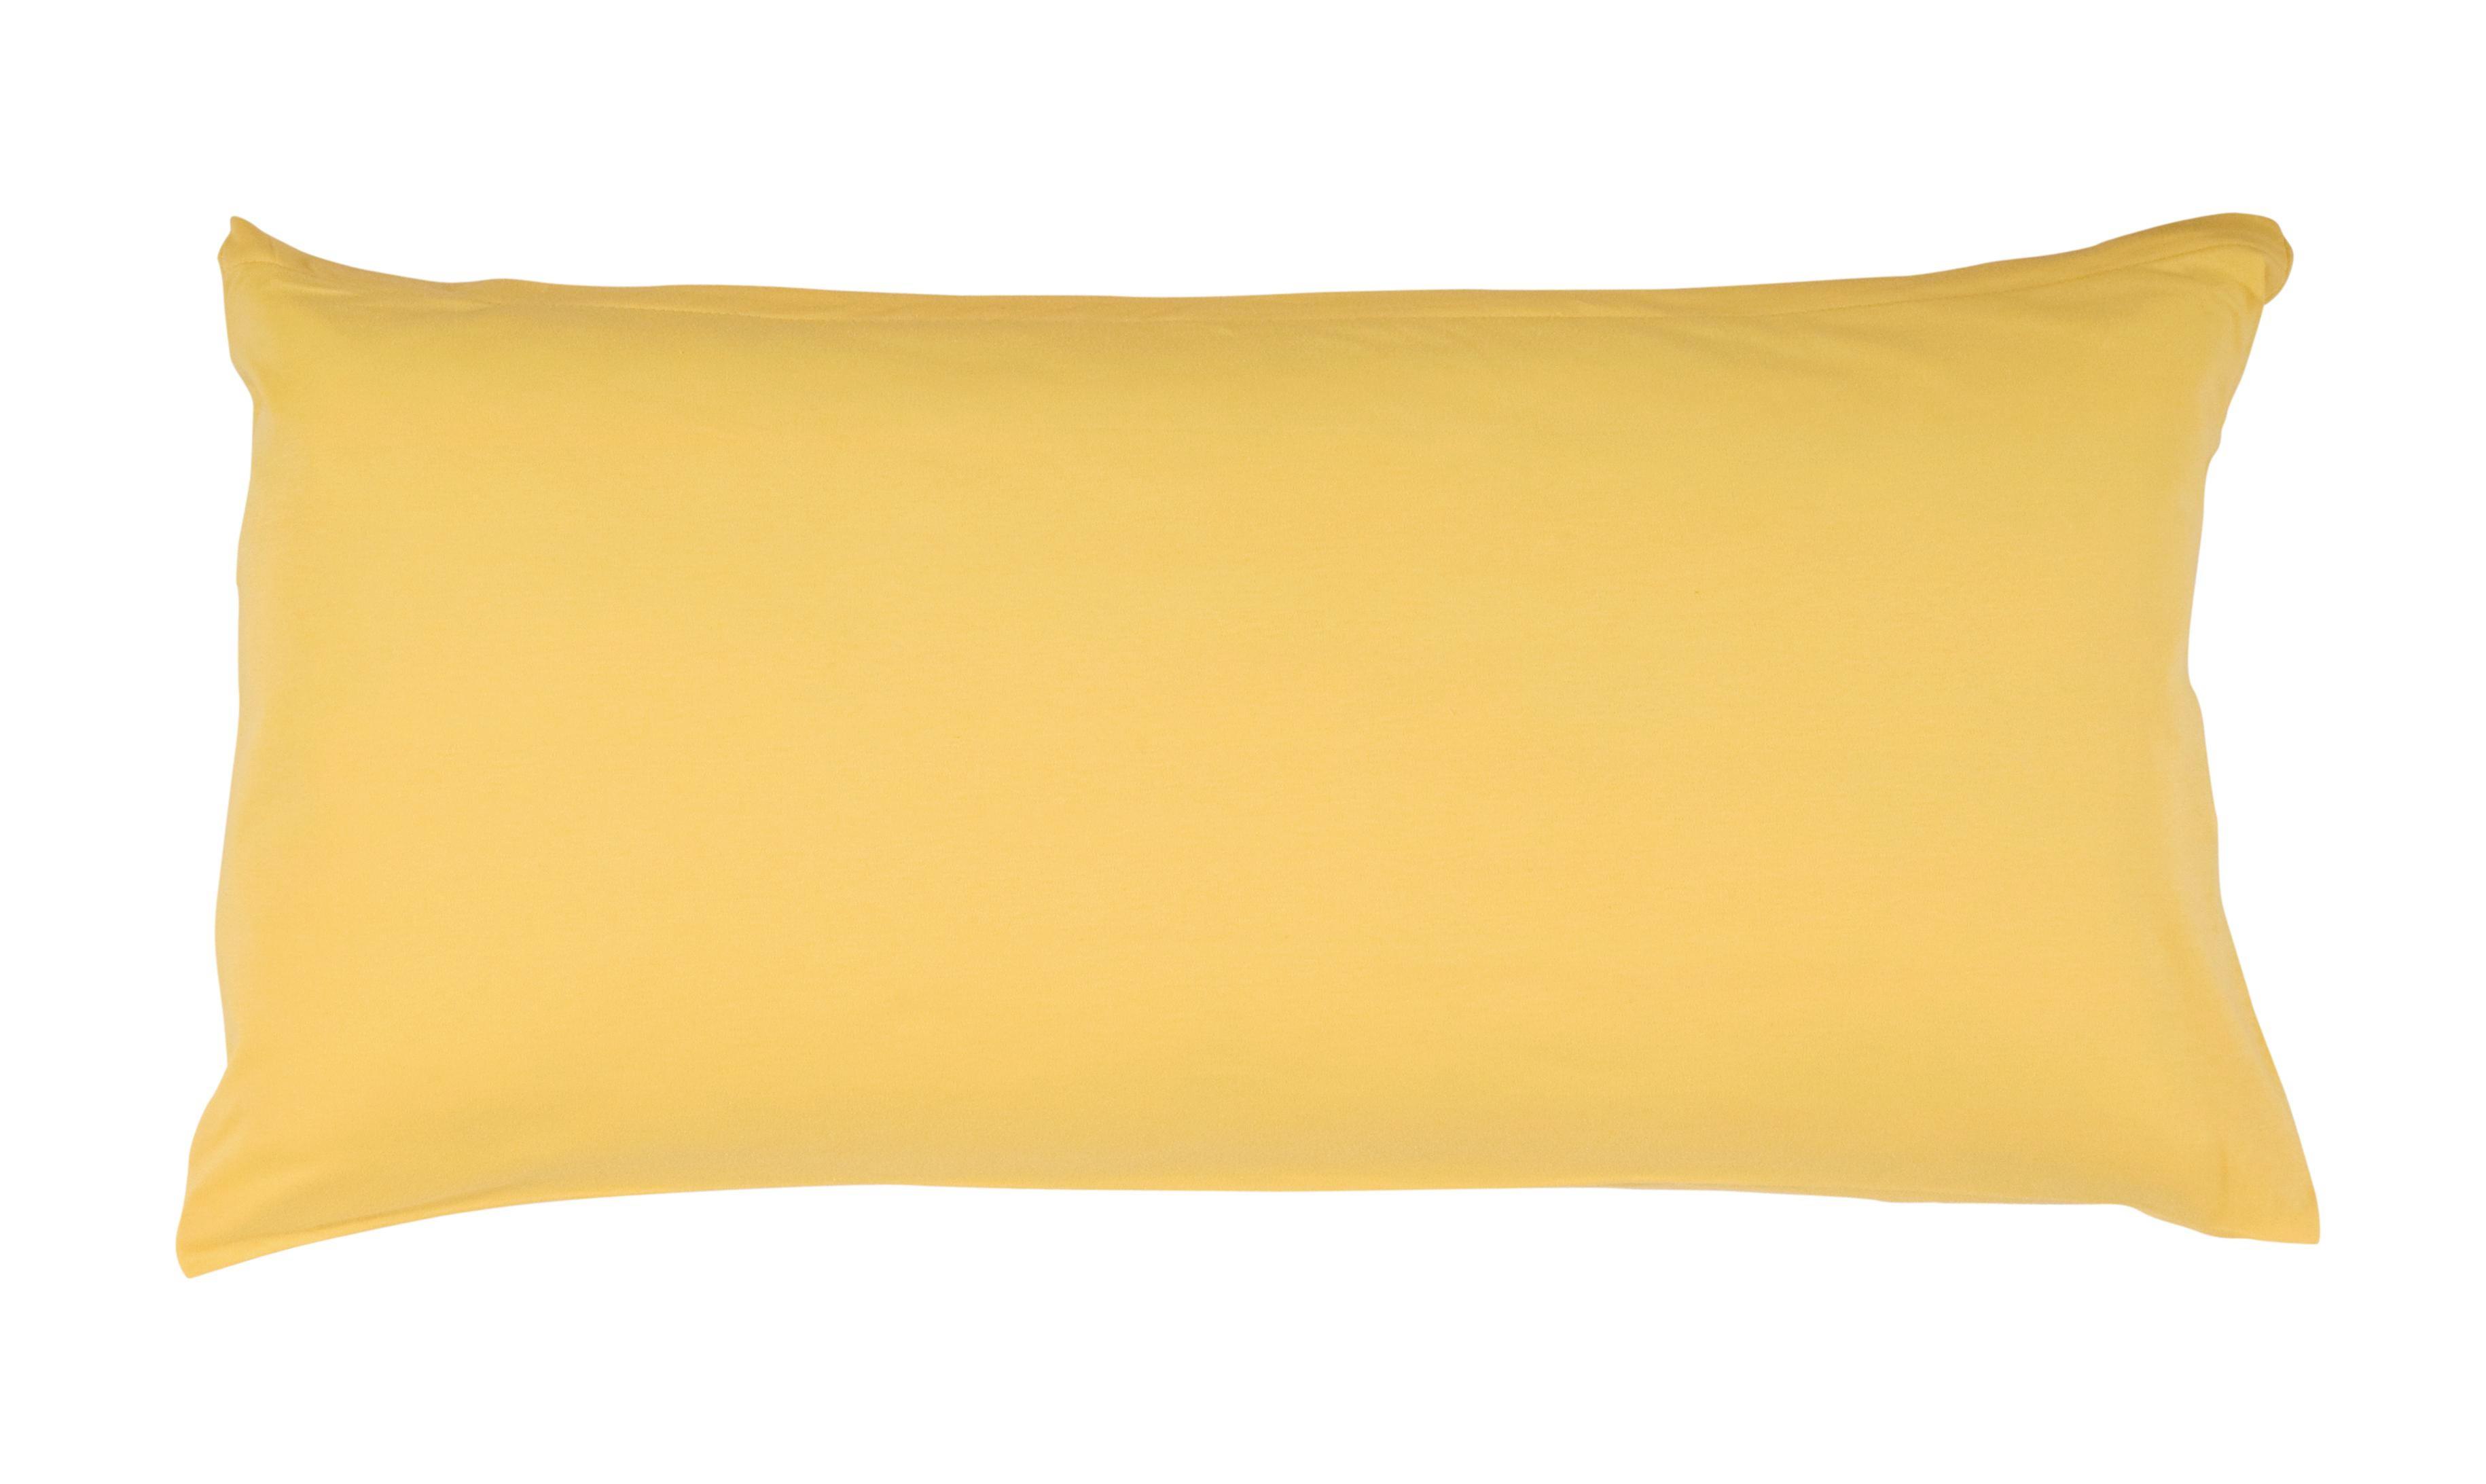 KOPFKISSENBEZUG  40/80 cm - Gelb, Textil (40/80cm) - SCHLAFGUT